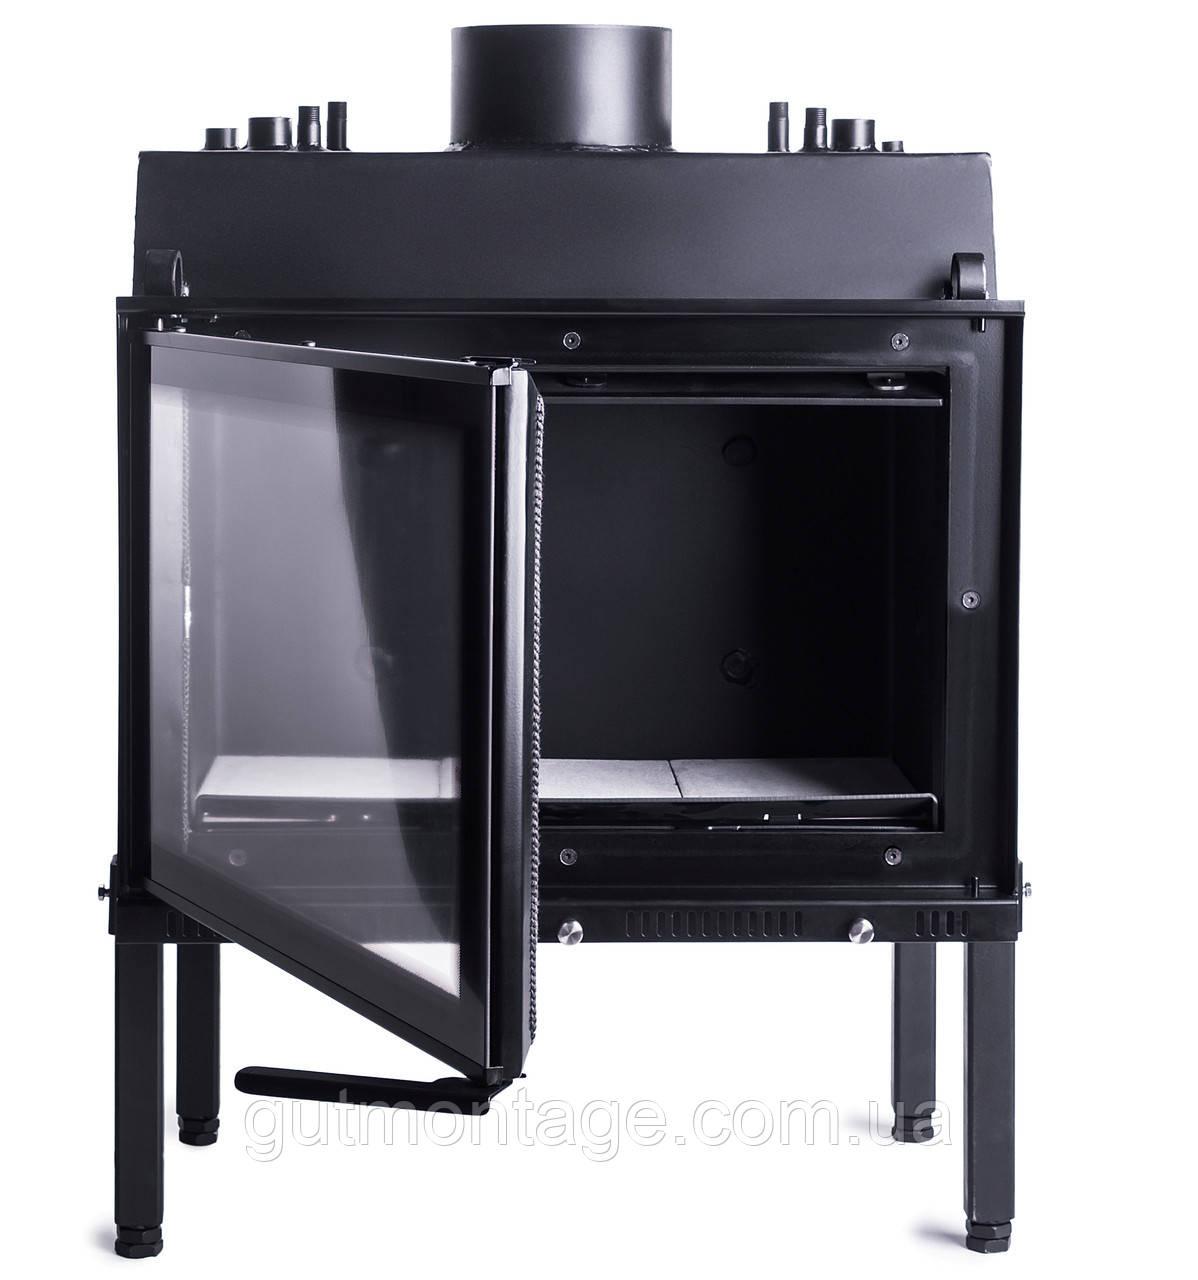 Камин вместо котла на дровах. Жарко Aqva-750 Lux 9кВт. Для закрытых систем.